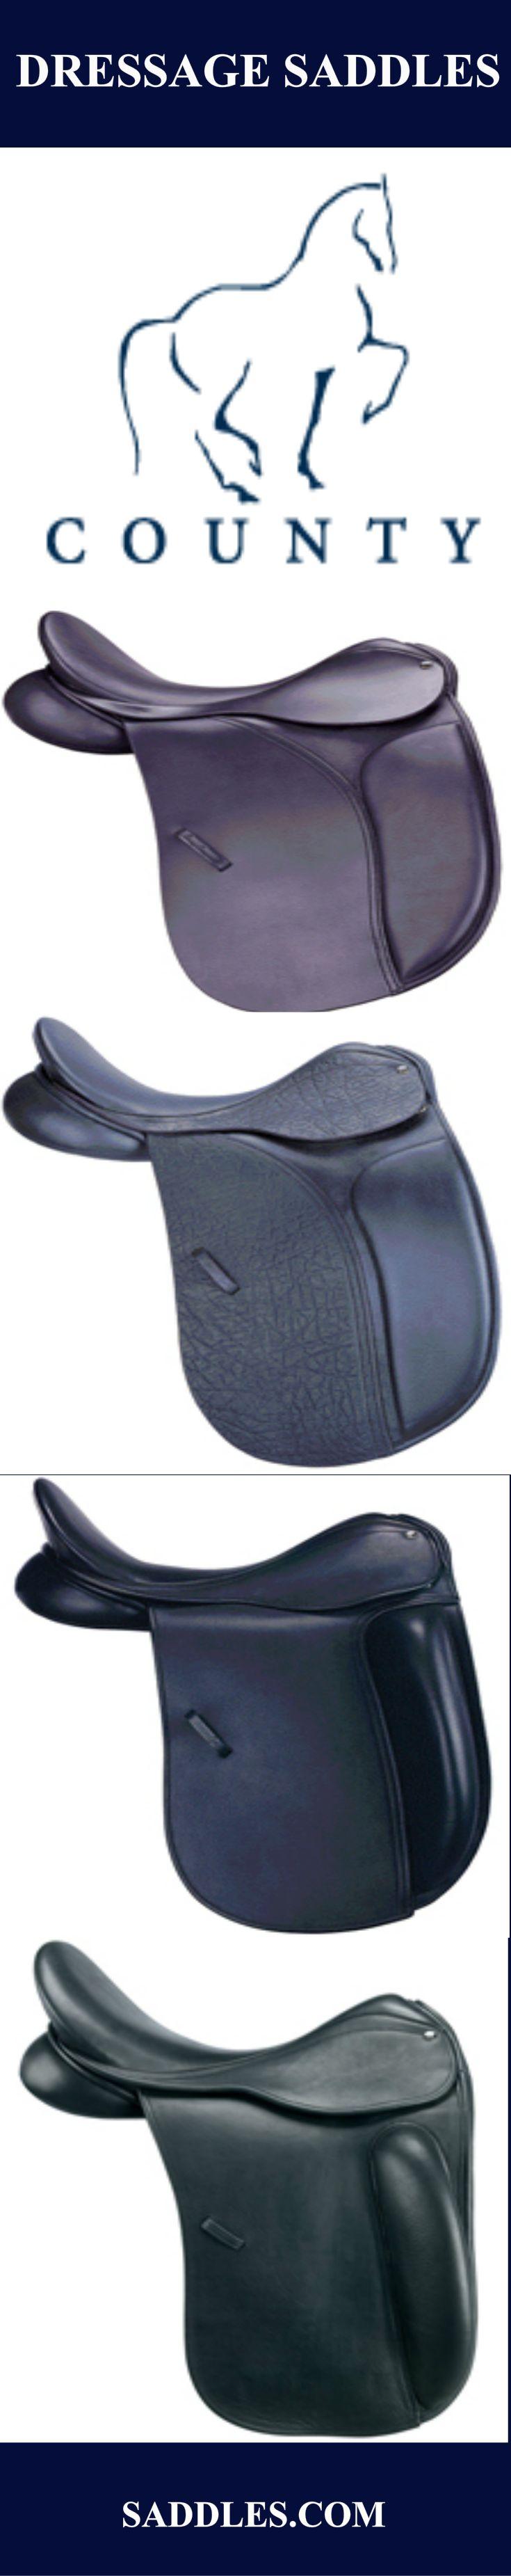 Dressage Saddles For Sale! #dressagesaddles